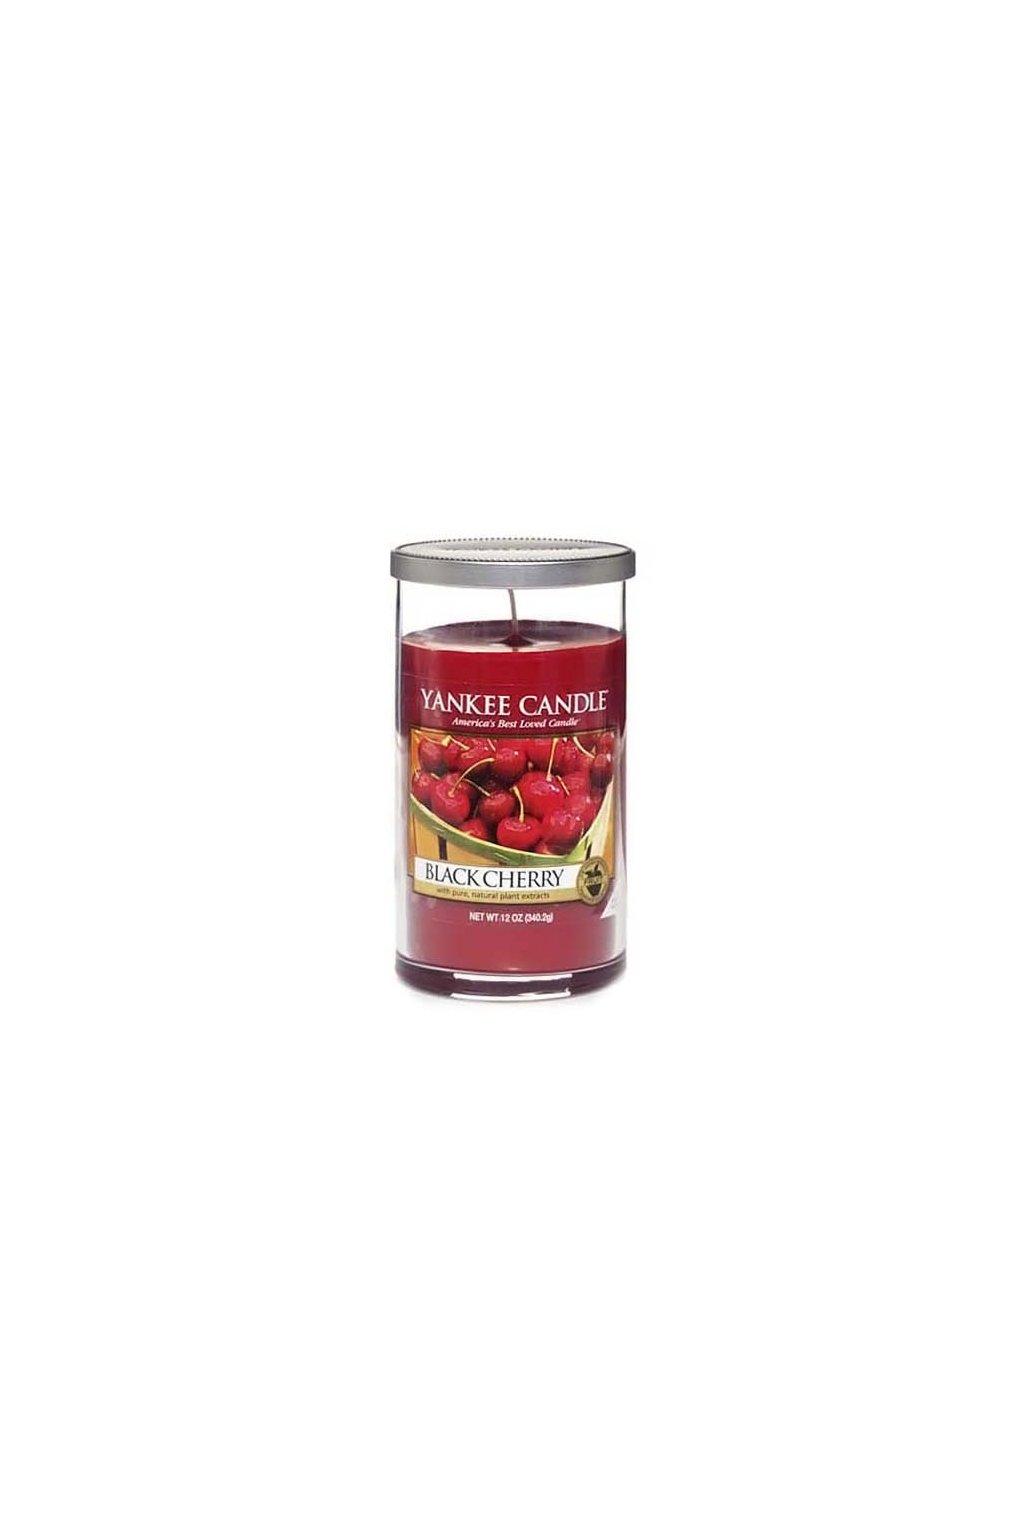 Svíčka ve skleněném válci Yankee Candle - Black Cherry